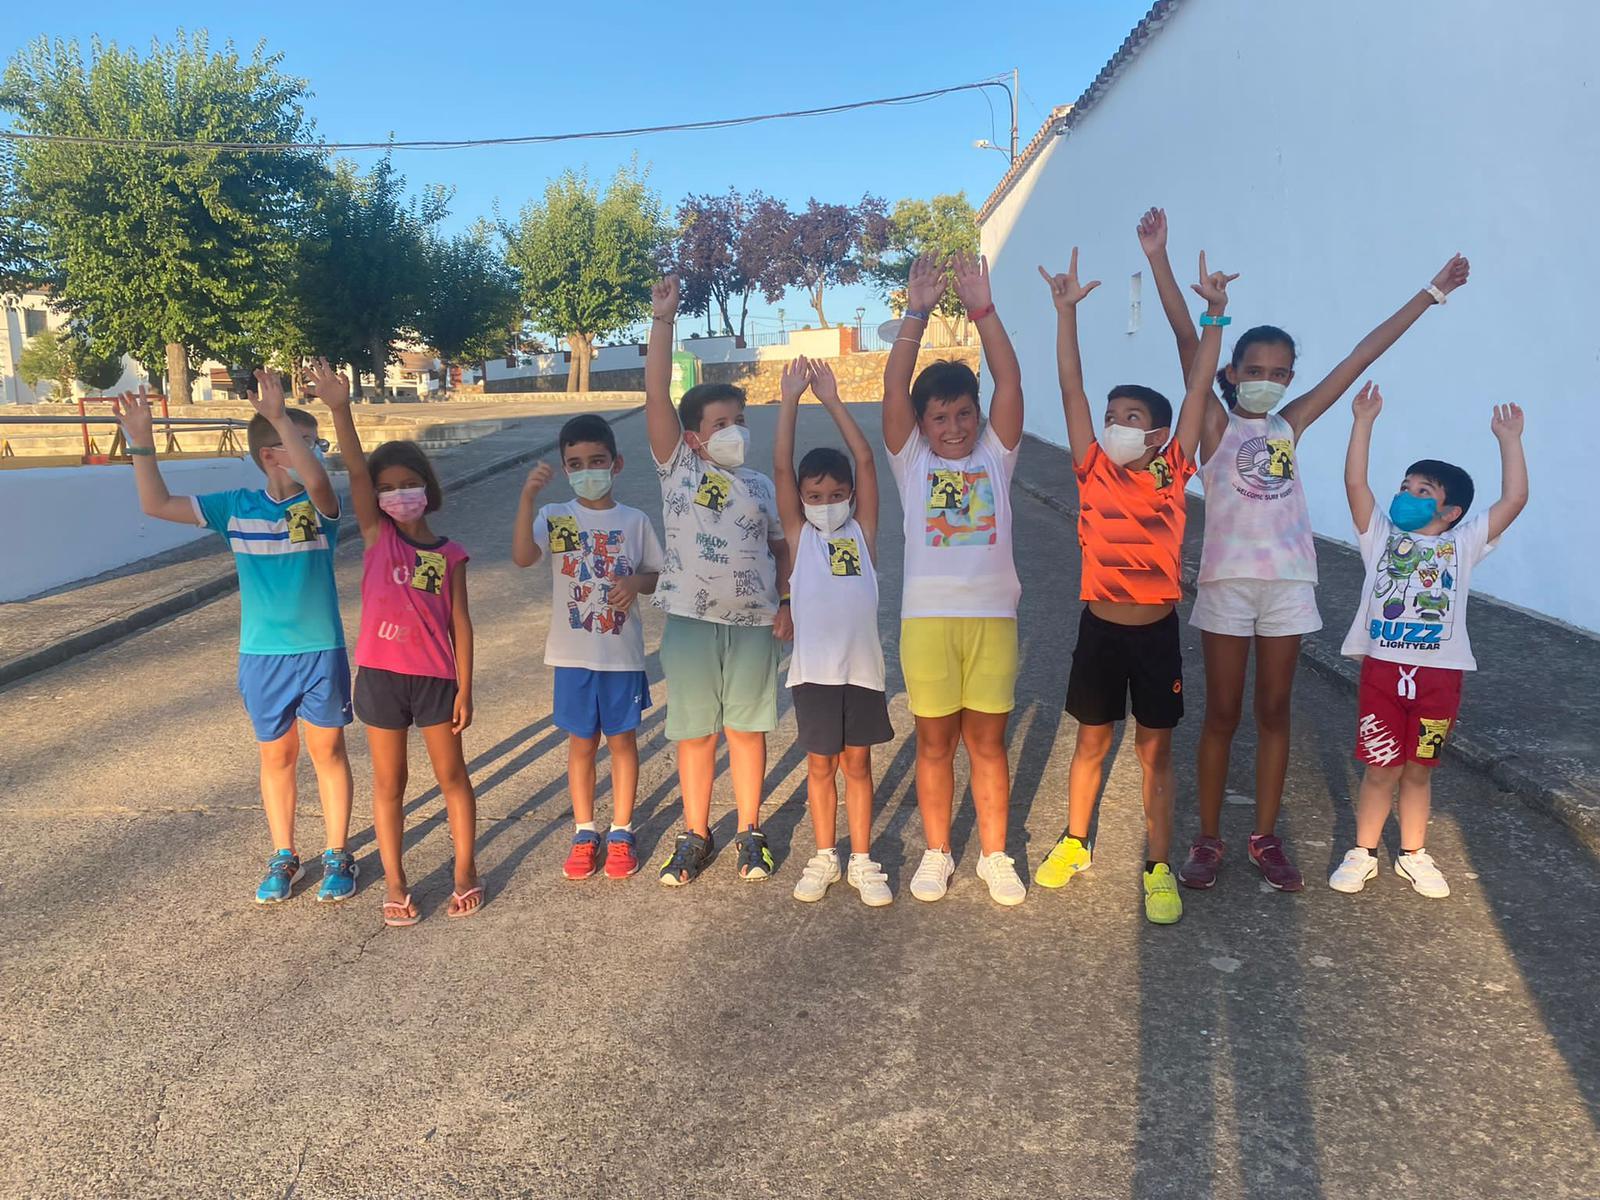 Esta semana han comenzado las actividades del programa 'Diviértete Extremadura' en las pedanías de Jerez